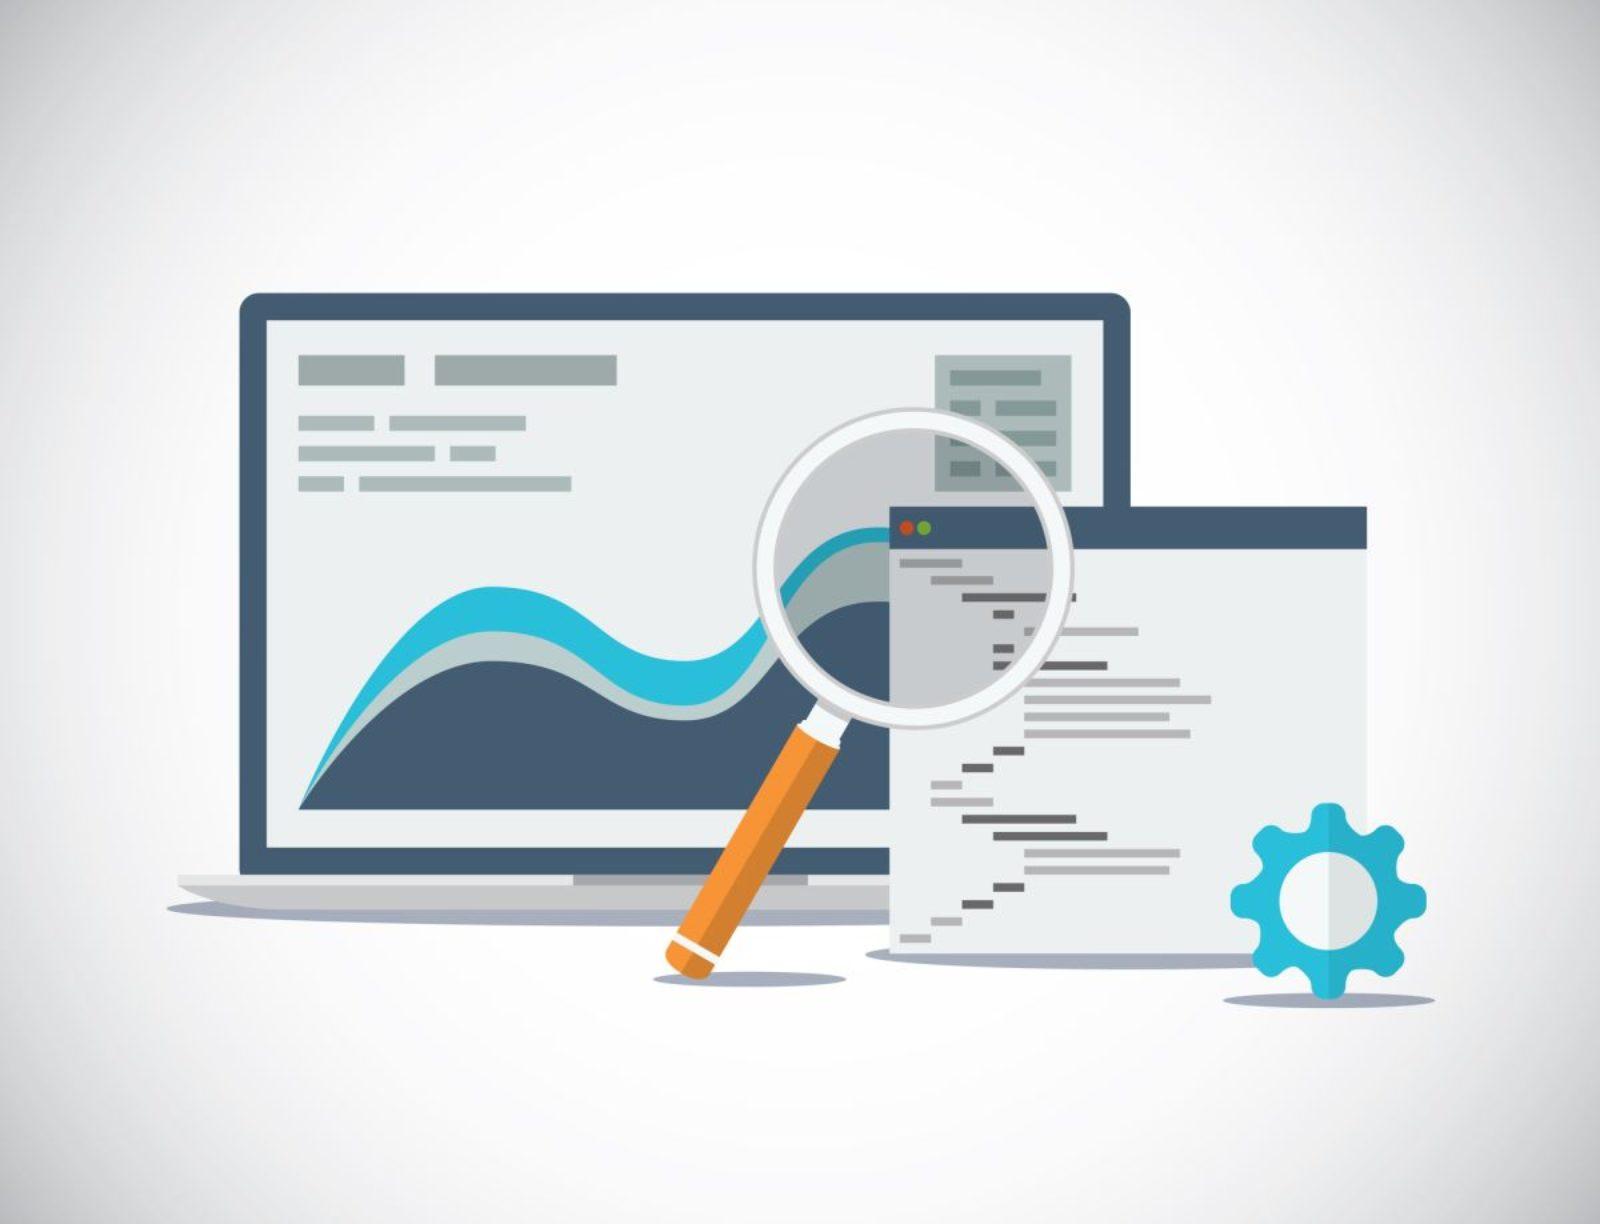 Základy SEO – Ako optimalizovať svoj web pre vyhľadávače, keď neviete nič o vyhľadávačoch?